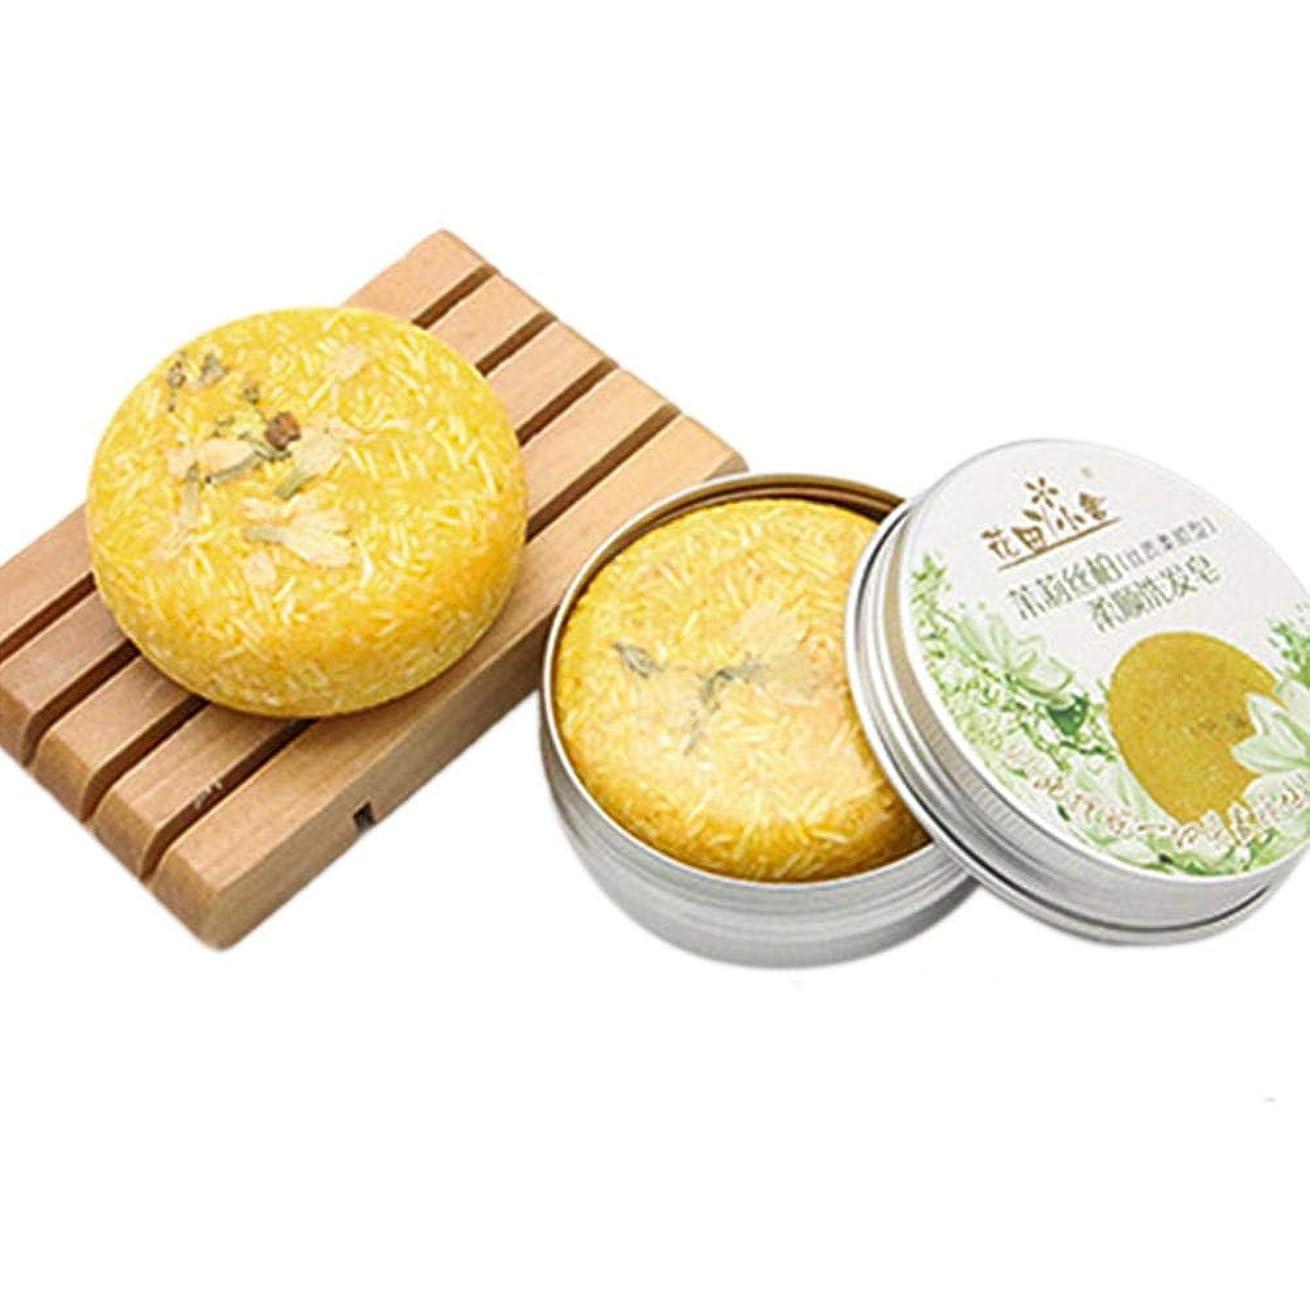 勧める素晴らしい踏みつけローズマリーシャンプー石鹸、スカルプラベンダー植物油ヘアケアシャンプー、アルミボックス包装